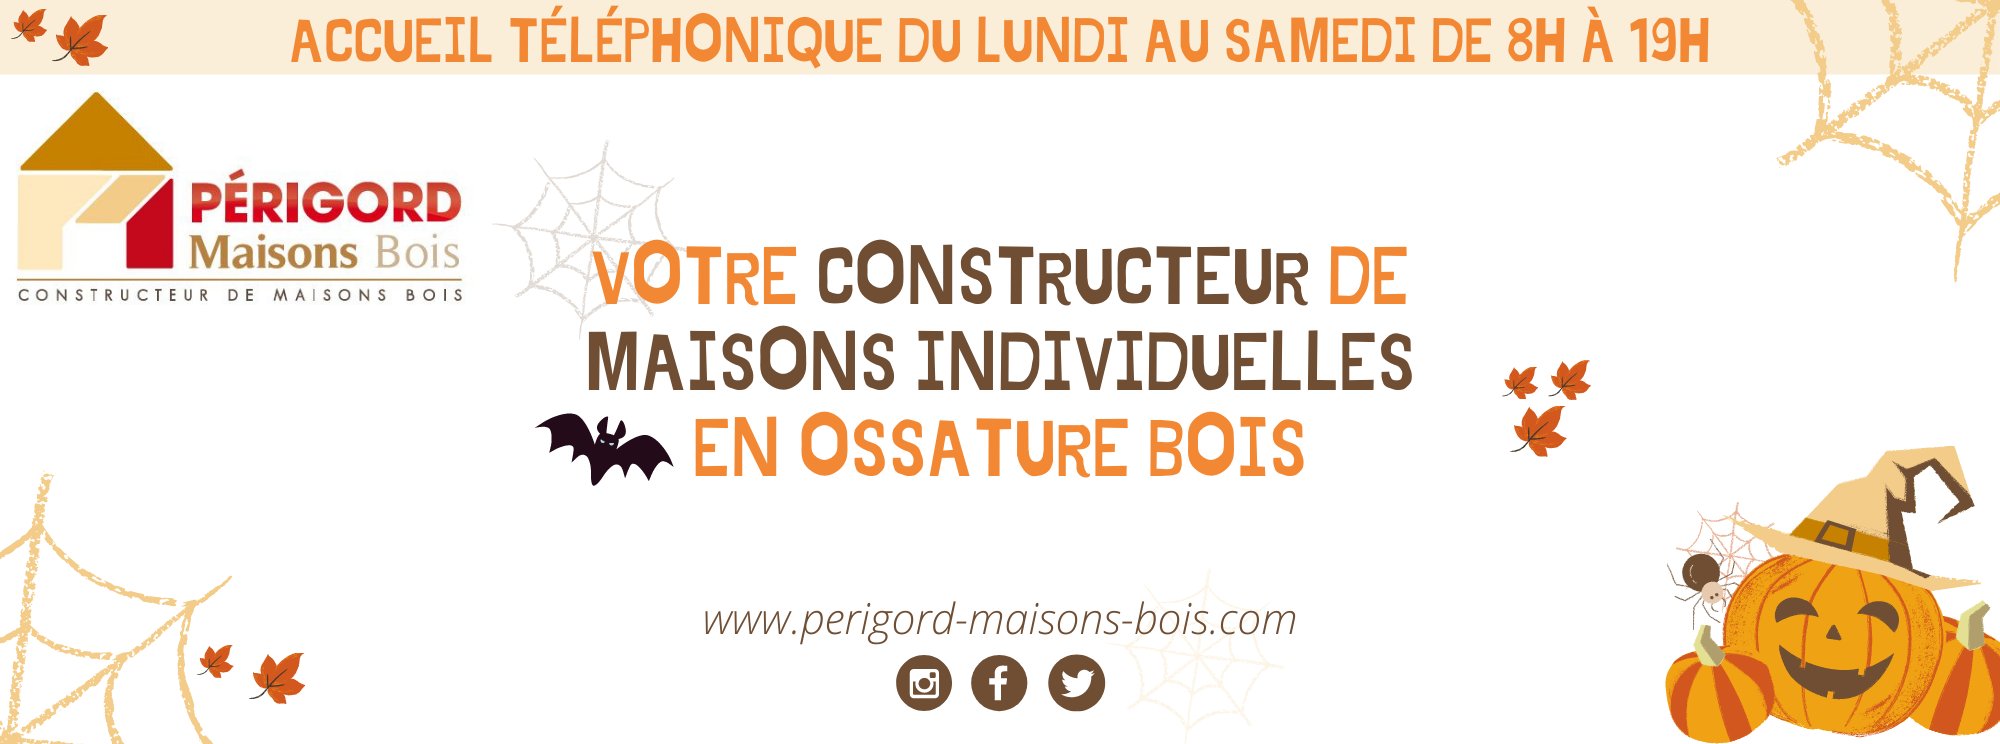 Site Web Bannière - mail-constructeur-de-maisons-individuelles-en-ossature-bois-périgord-maisons-bois